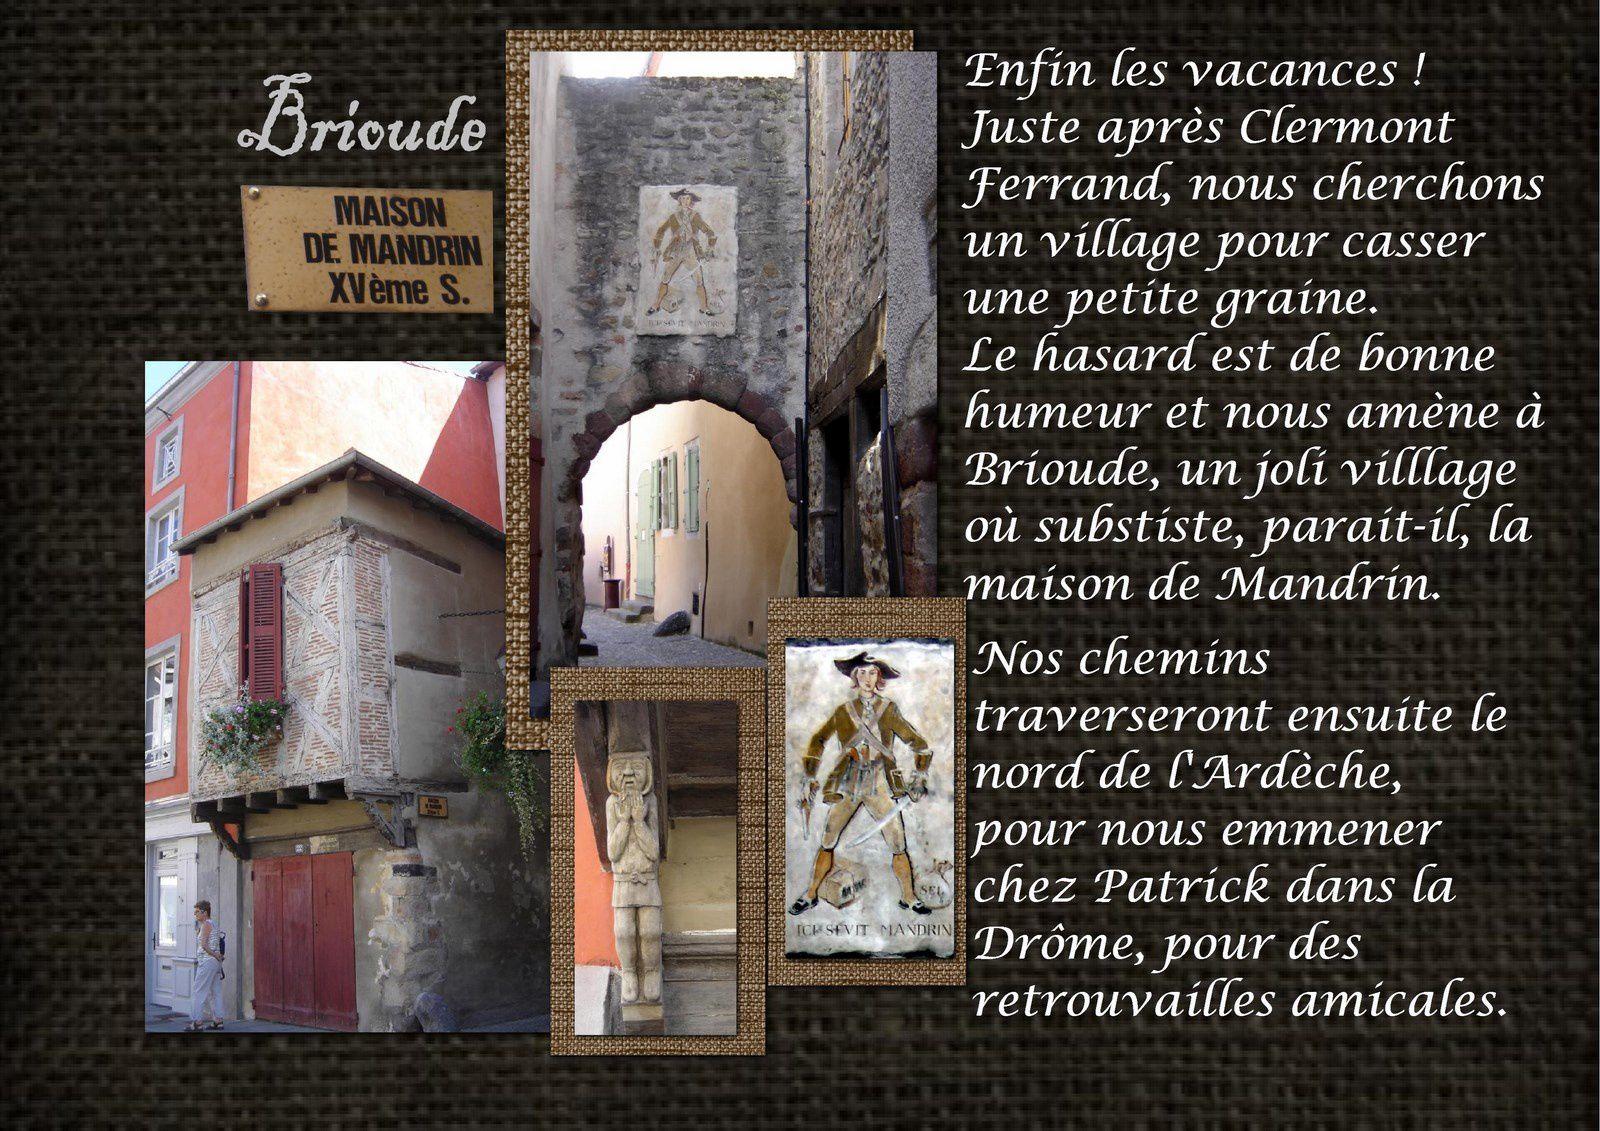 correctif : Brioude n'est pas un petit village, mais une vraie ville (près de 7 000 habitants).... une pause déjeuner trop rapide peut être trompeuse !